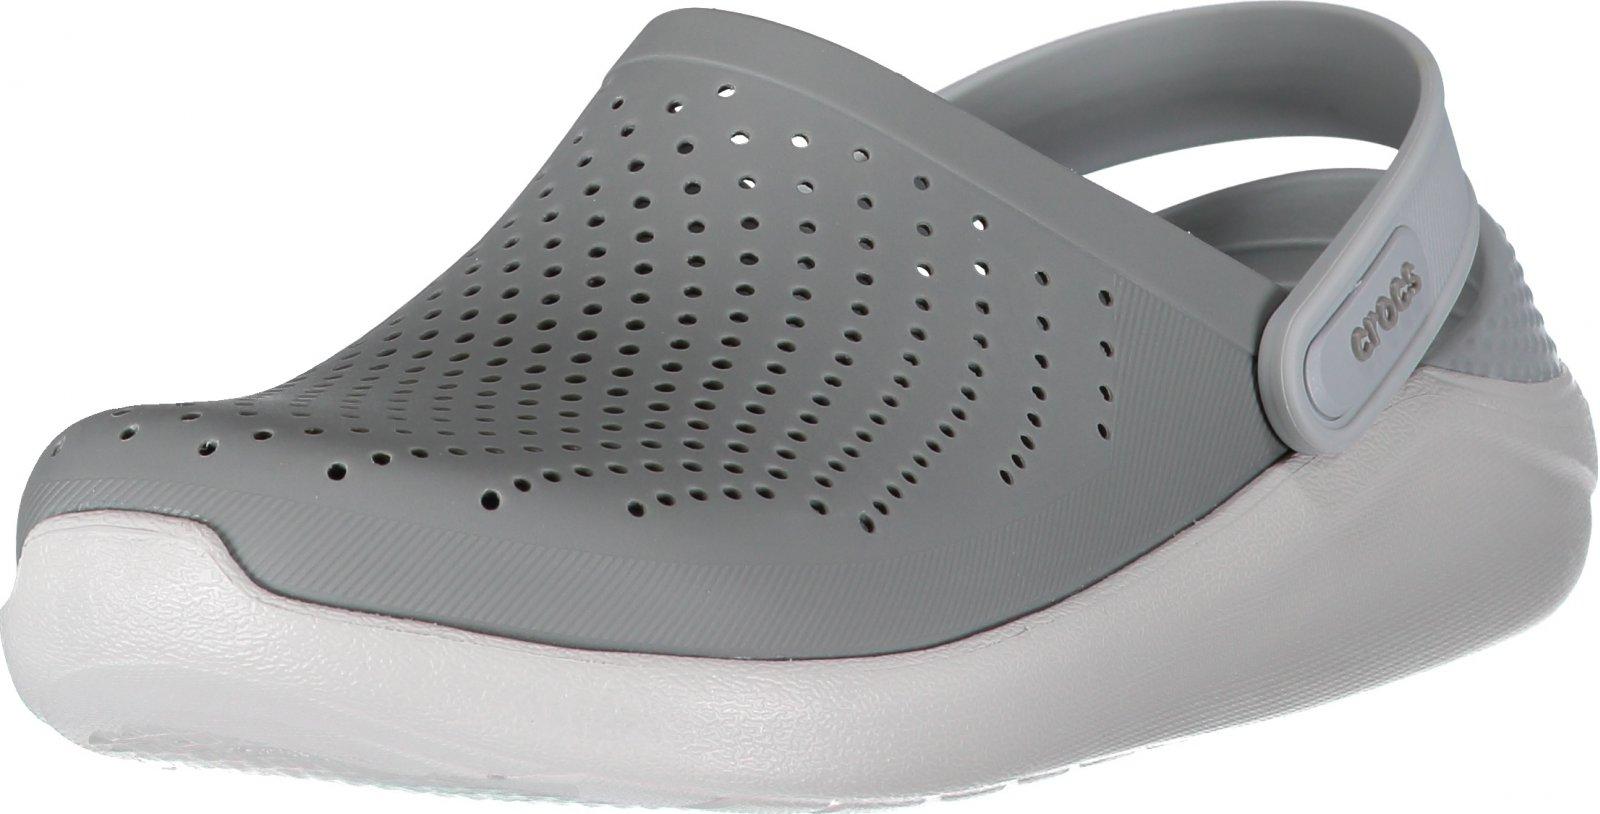 12fda551a Crocs Literide Clog Smoke Pearl White - Srovnejte ceny!